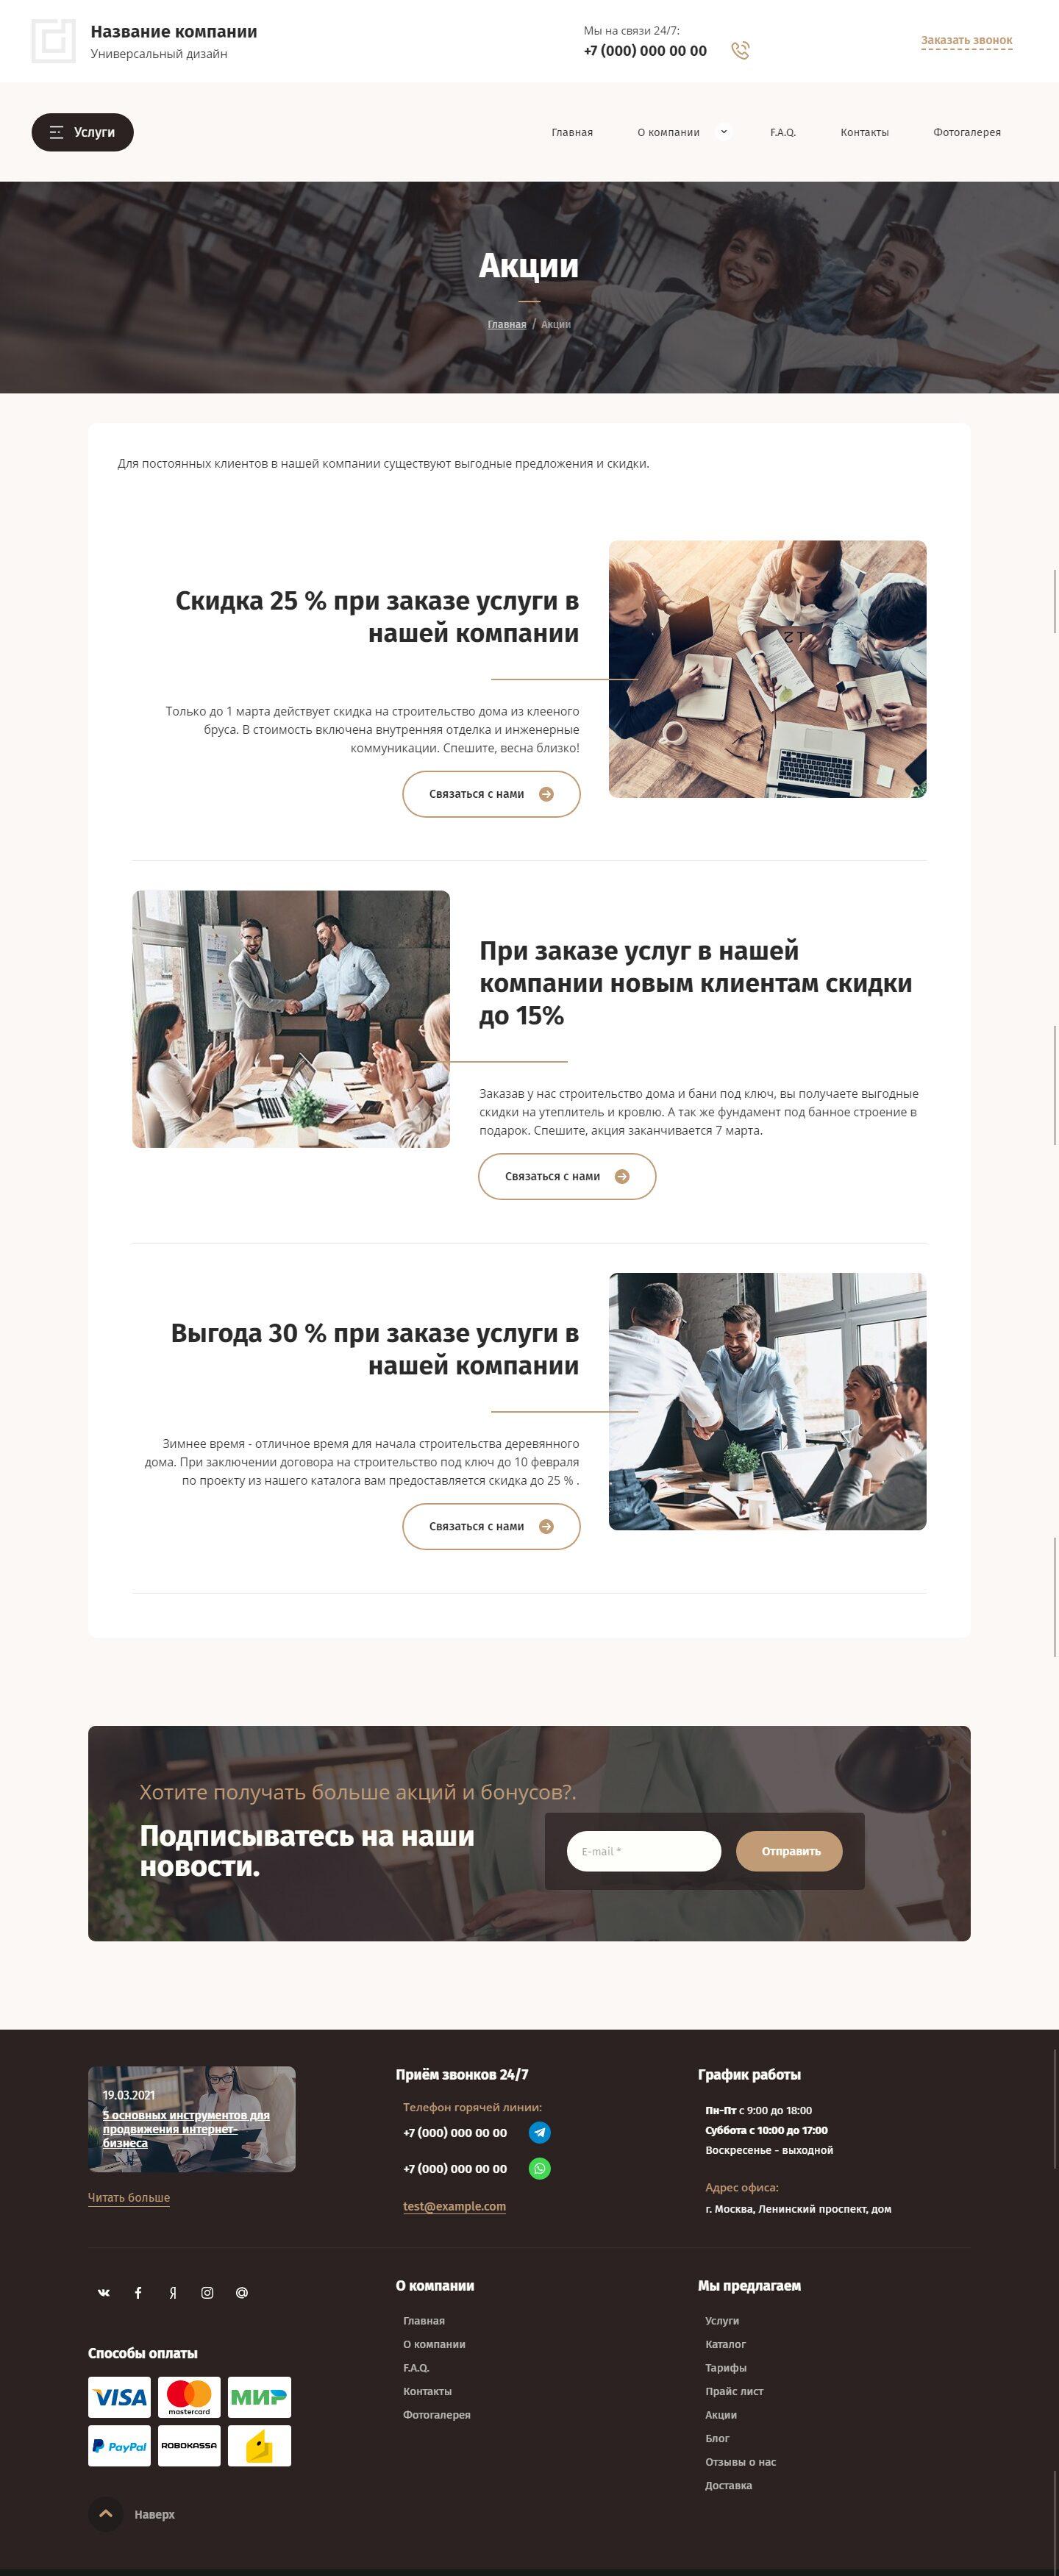 Готовый Сайт-Бизнес #2967758 - Универсальный дизайн (Акции)